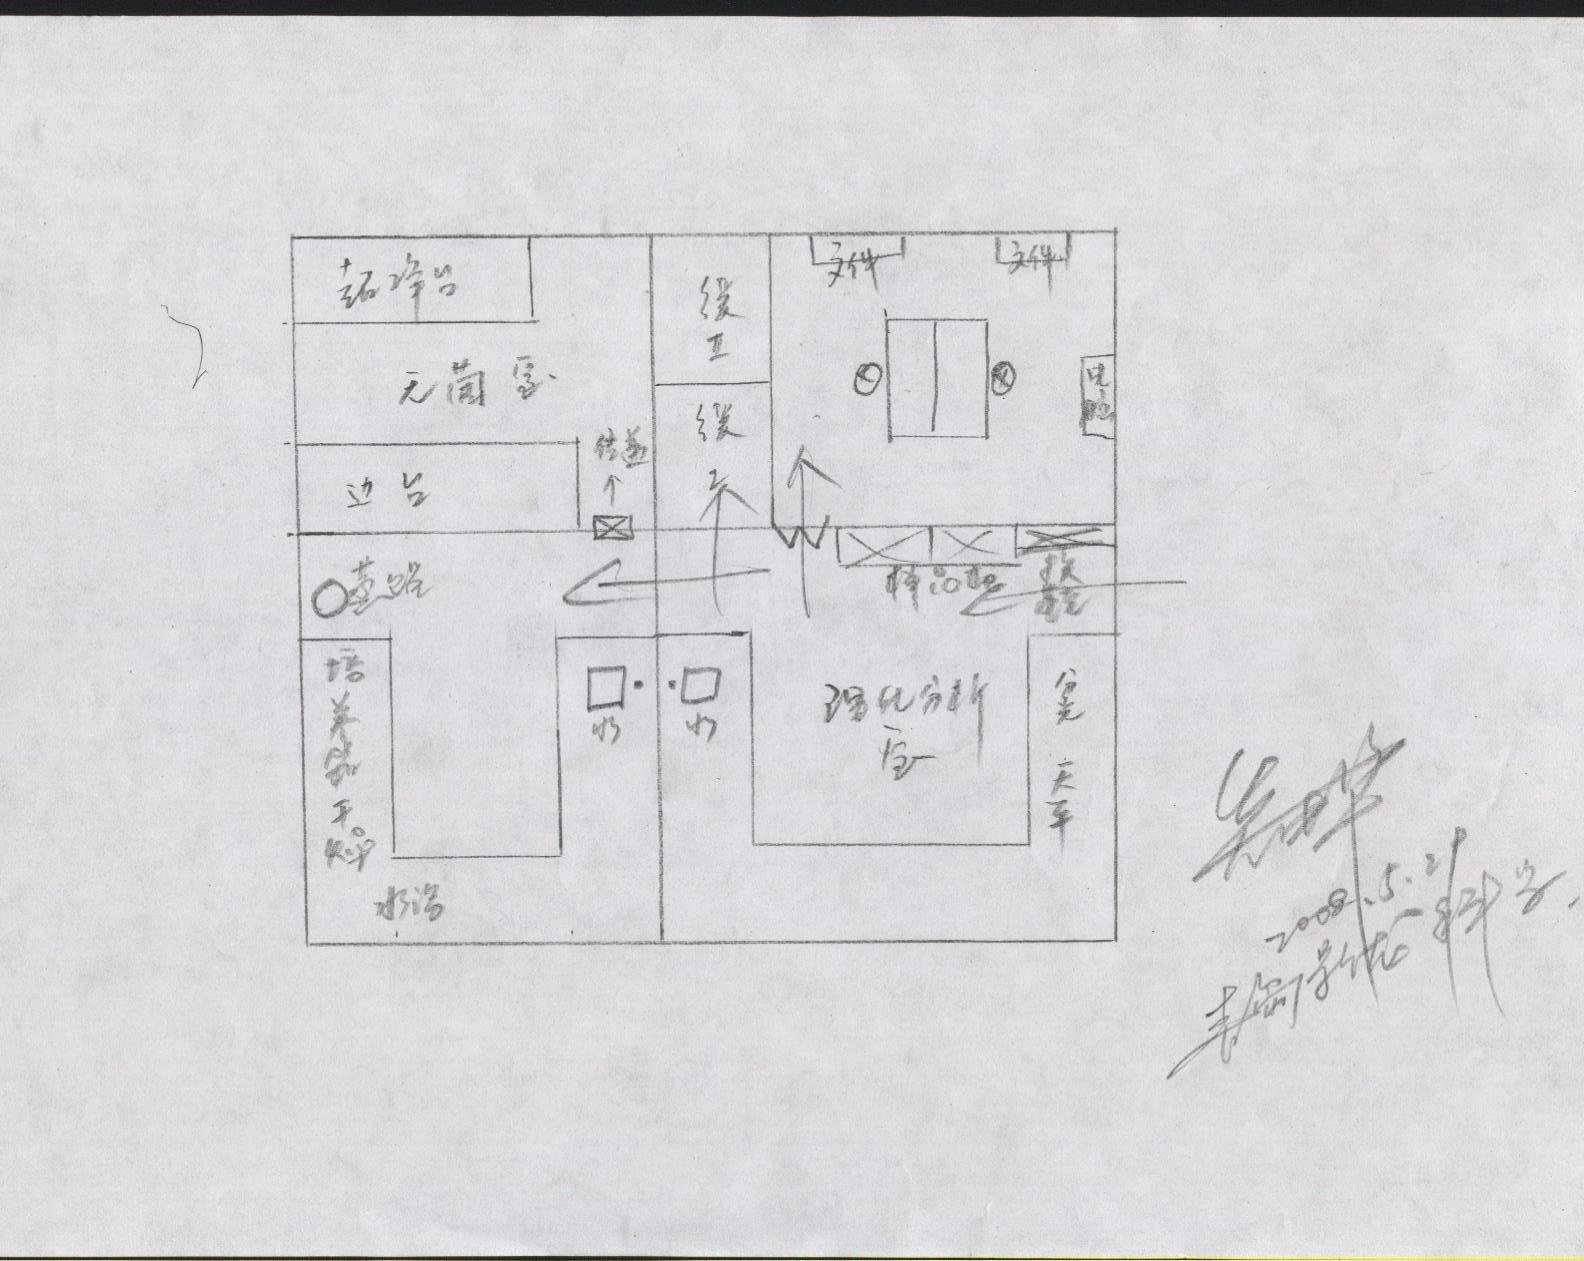 速冻配菜,刚刚通过了QS认证,主要做理化方面的水分,灰分,盐度,酸度等常规指标,微生物方面主要是细菌总数和大肠菌群,要建一个无菌室,另外还要隔一个办公室,一个理化实验室,样品室,等等吧。 我们就是一间6*6.9的屋子,没有什么布局之类的,打算设计好了再分割开。 现有的试验设备有:培养箱,烘箱,水浴锅,电磁炉,蒸馏水器,分析天平,分光光度计,酸度计,大概就是这些。 请大家帮忙了。 谢谢! 另外,我们是武汉的企业 ,希望最好武汉或者湖北的设计企业联系。当然,如果其他企业愿意过来的话 ,我们非常欢迎。 只要是能